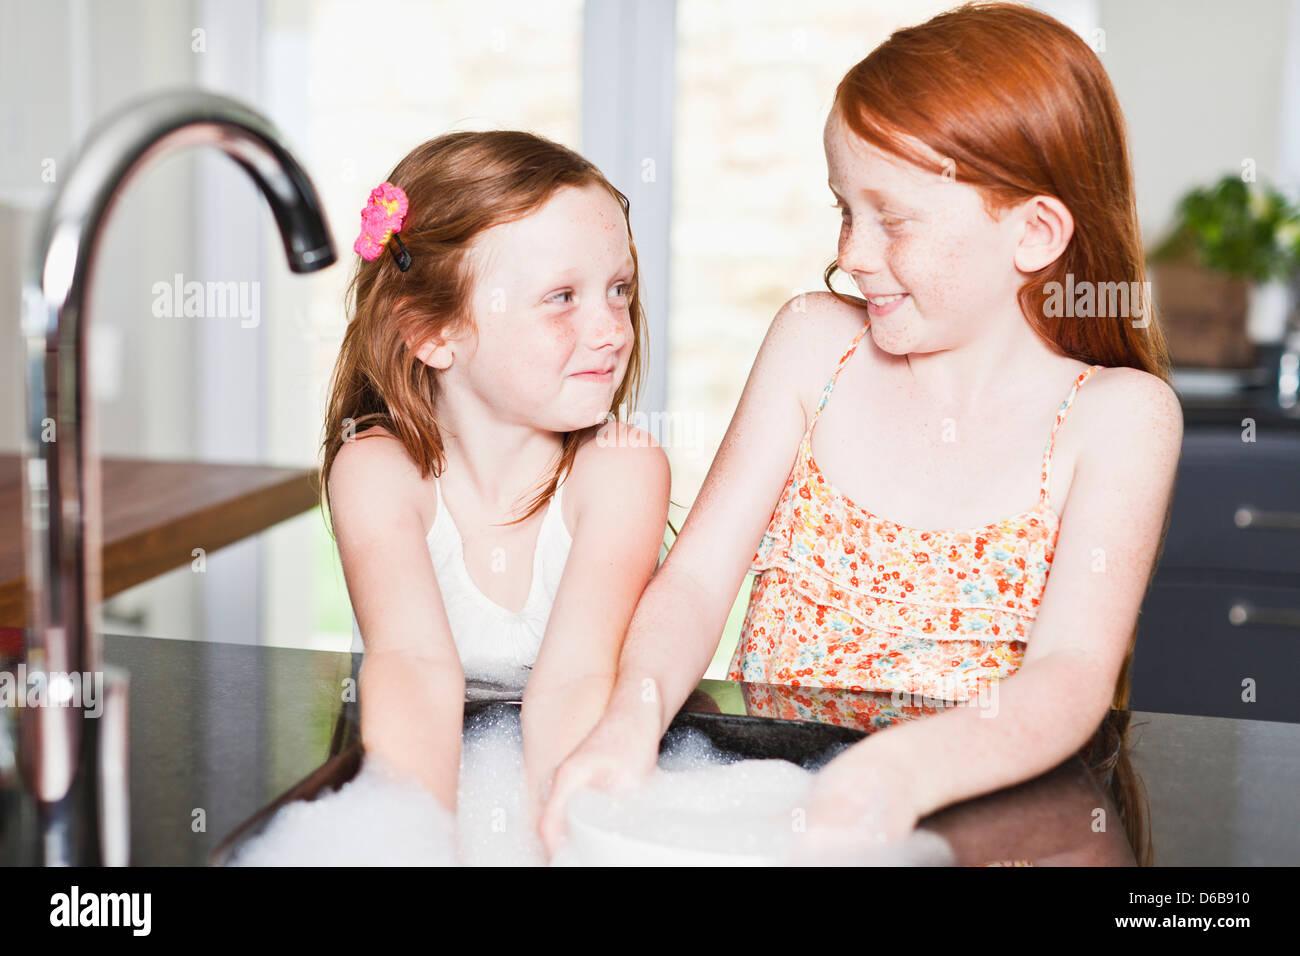 Lächelnde Mädchen Geschirr in der Spüle Stockbild